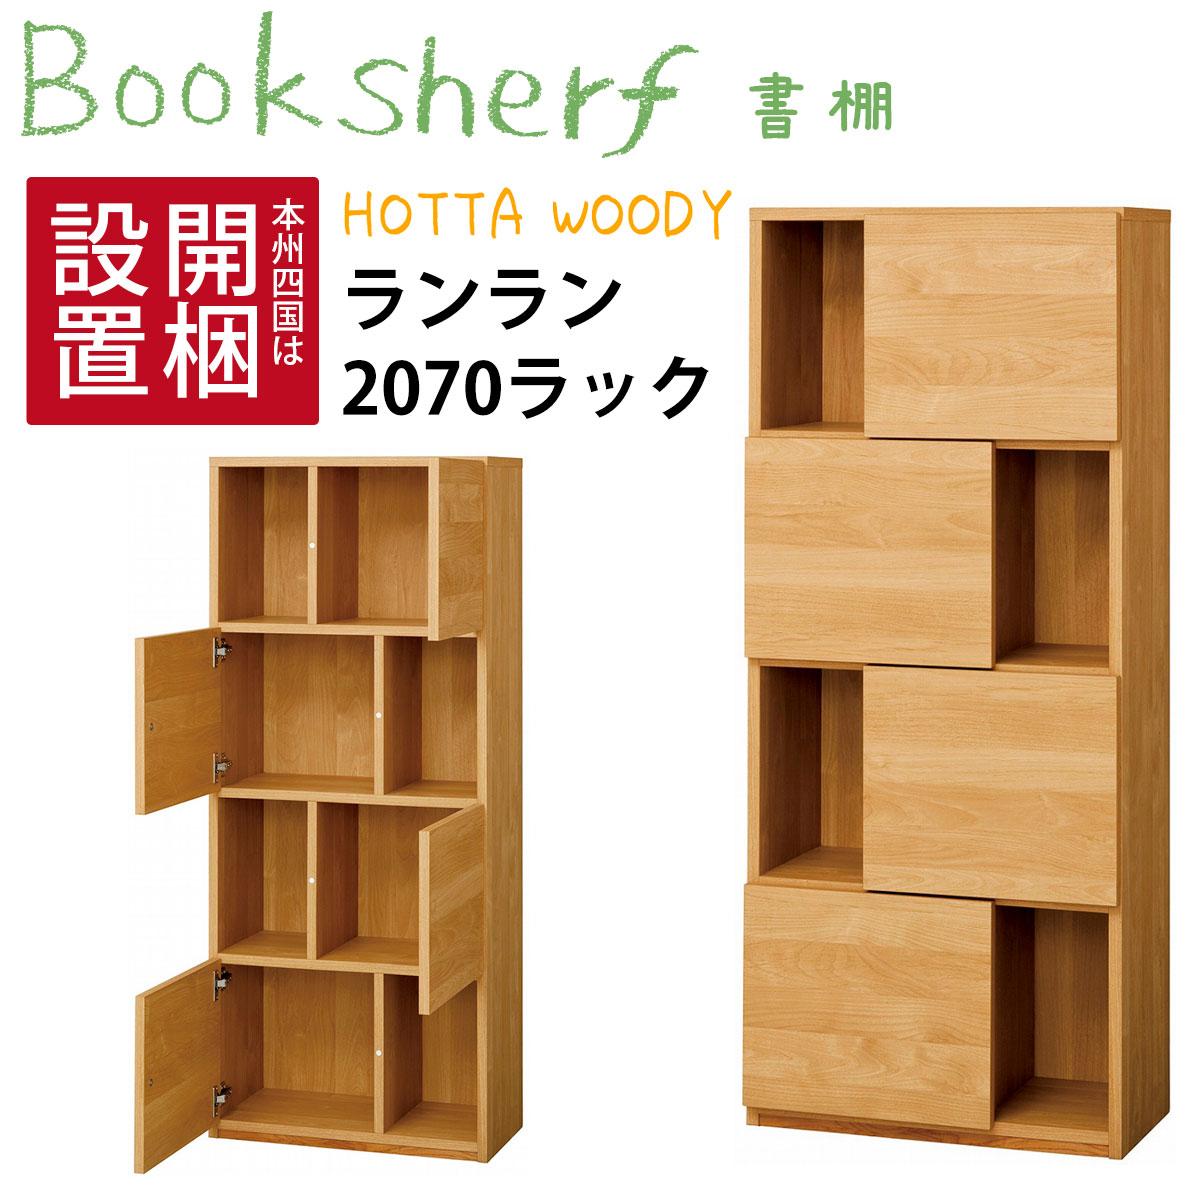 堀田木工所 2018年モデル ランラン 2070ラック 本棚 書棚 子供部屋 日本製 国産 送料無料